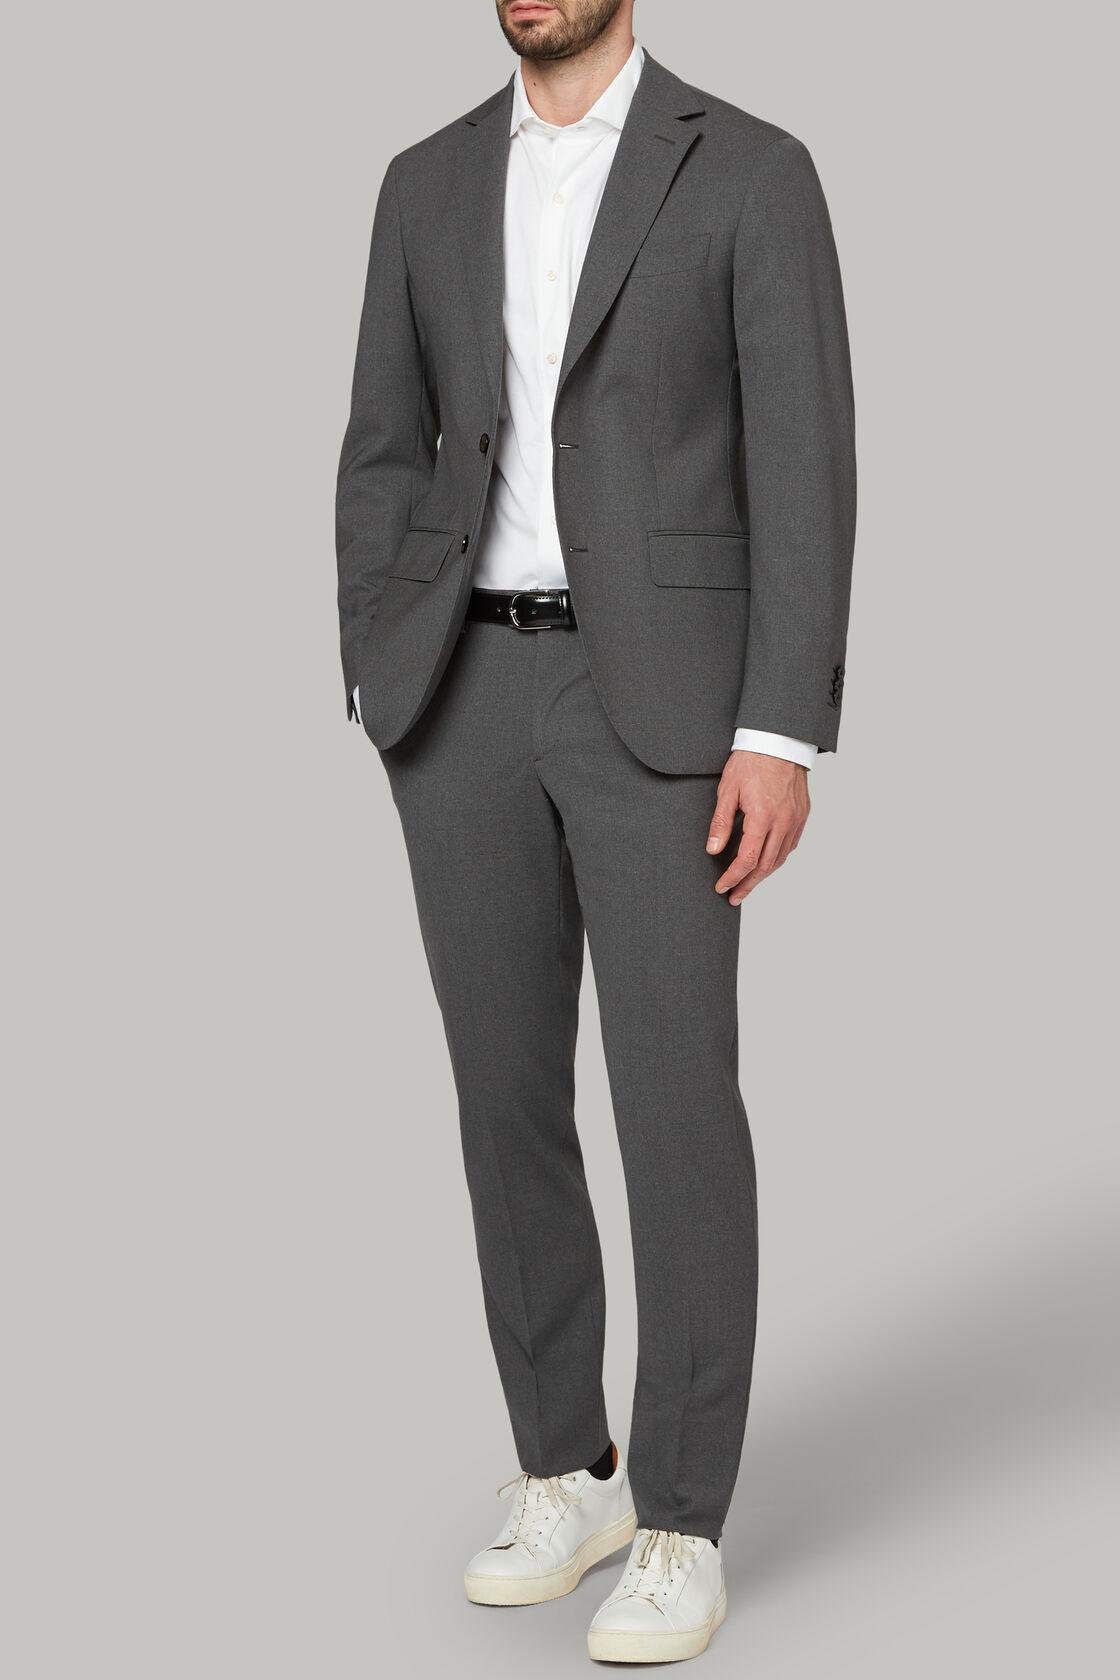 Grauer Travel Anzug aus Wolle, , hi-res